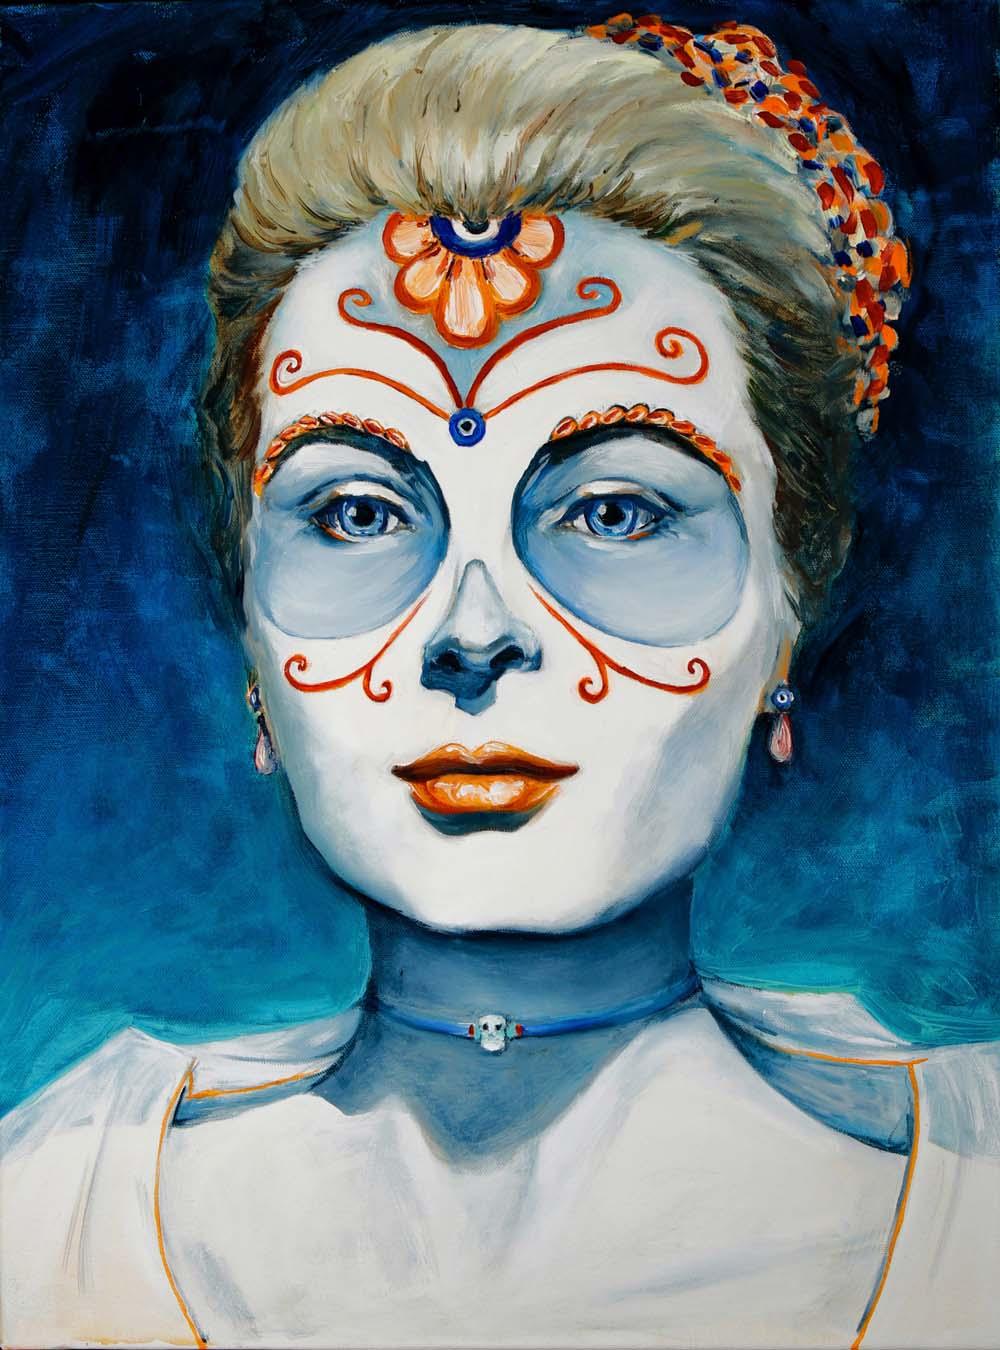 Grace Kelly, Dia de Los Muertos